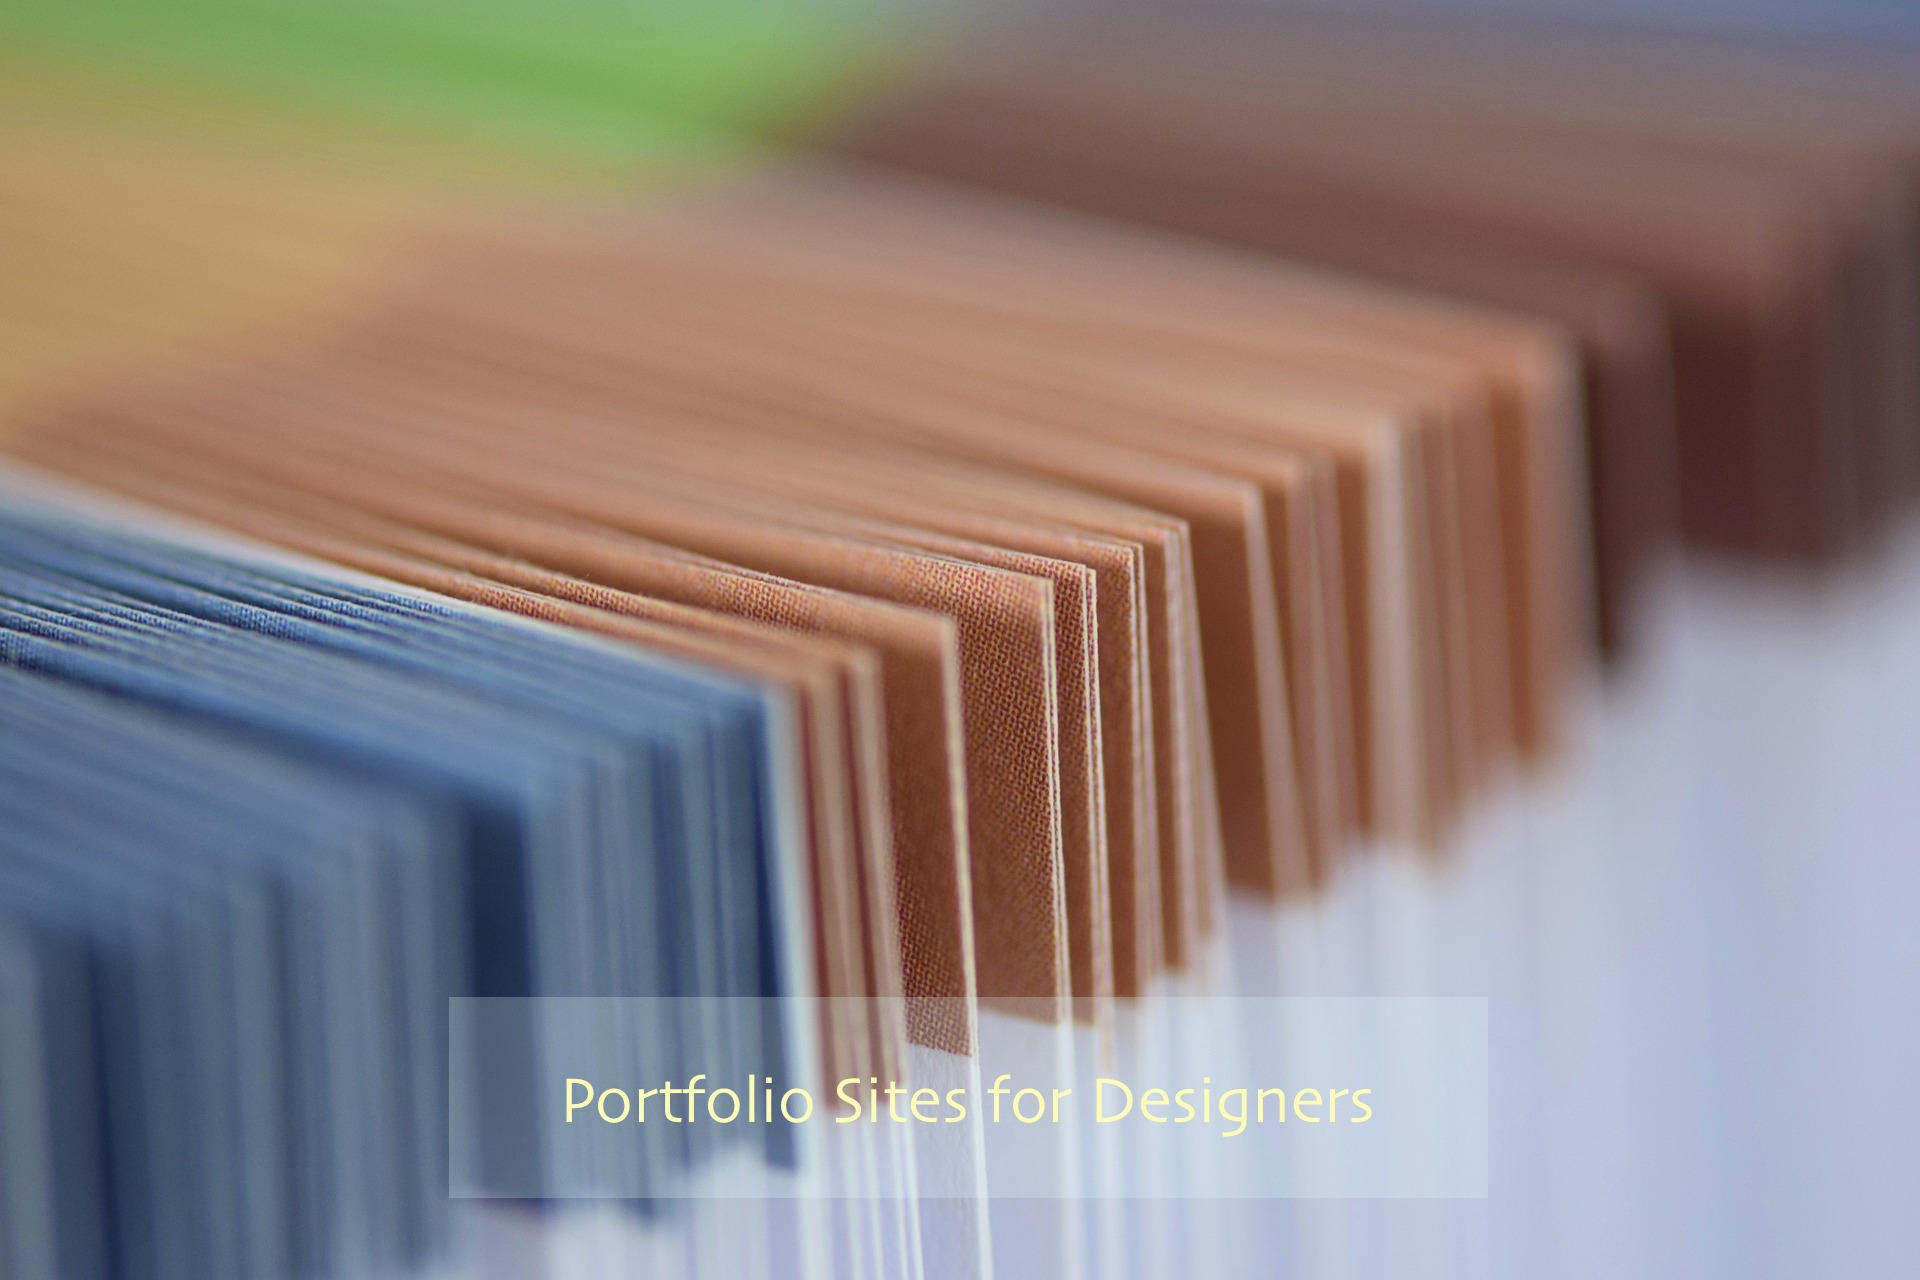 Sites Where You Can Share Your Portfolio as a Designer